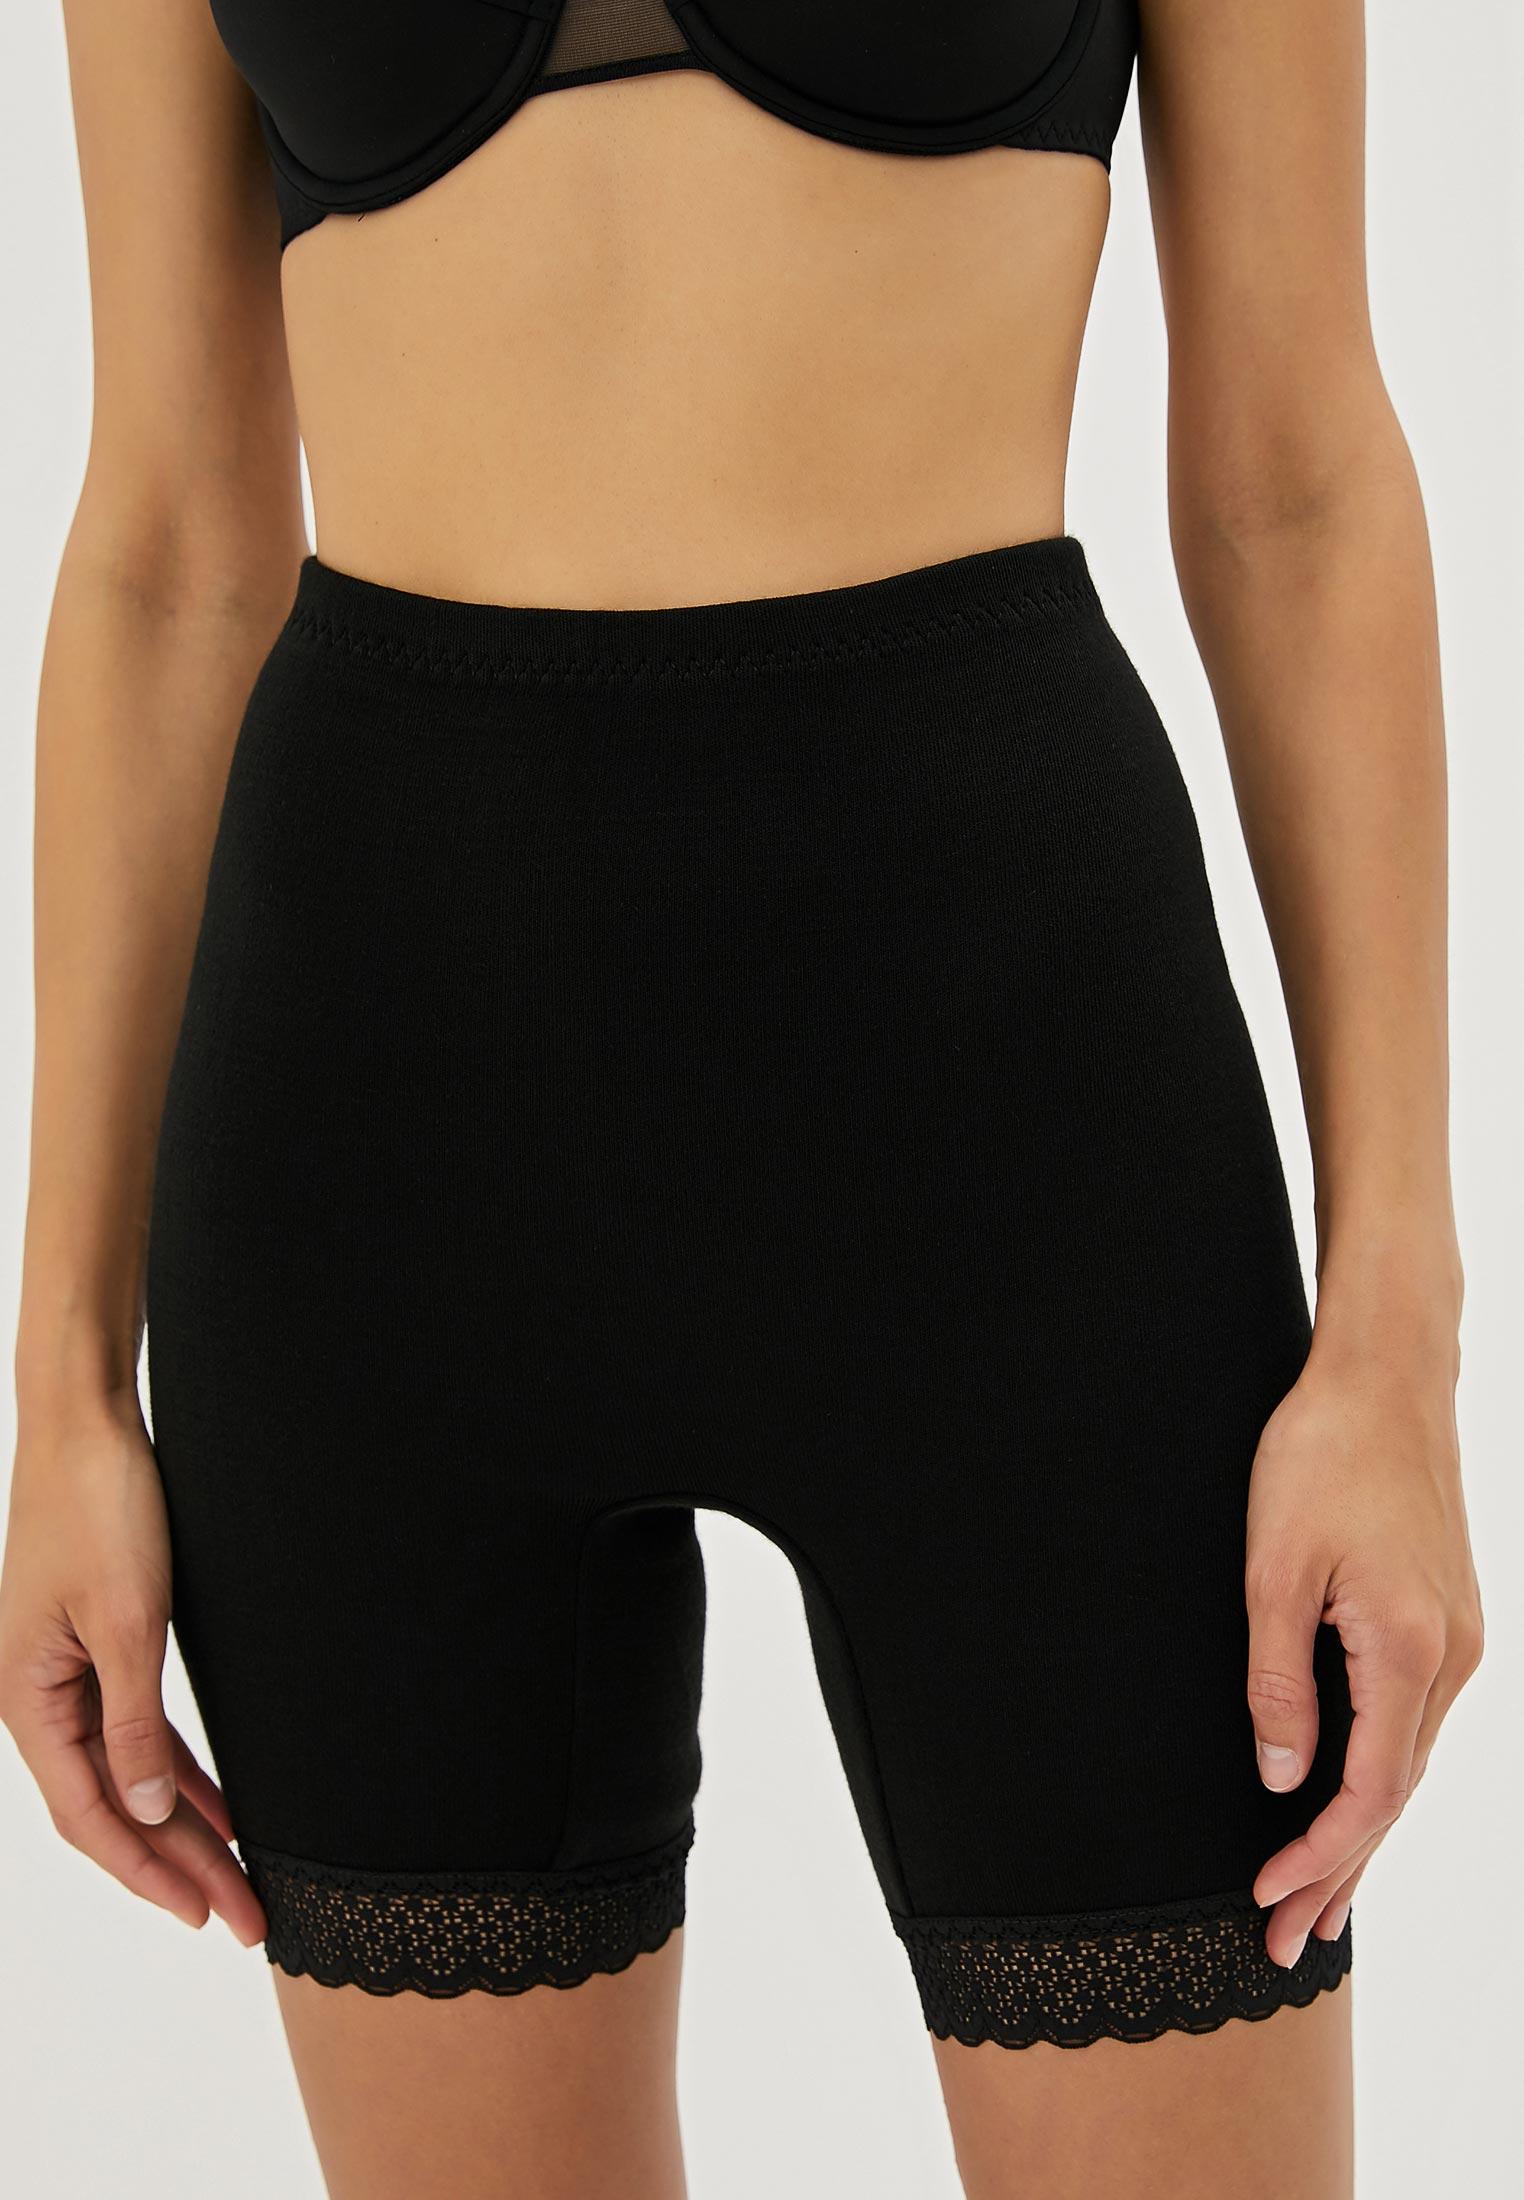 Панталоны женские НОВОЕ ВРЕМЯ T010 черные 50 RU